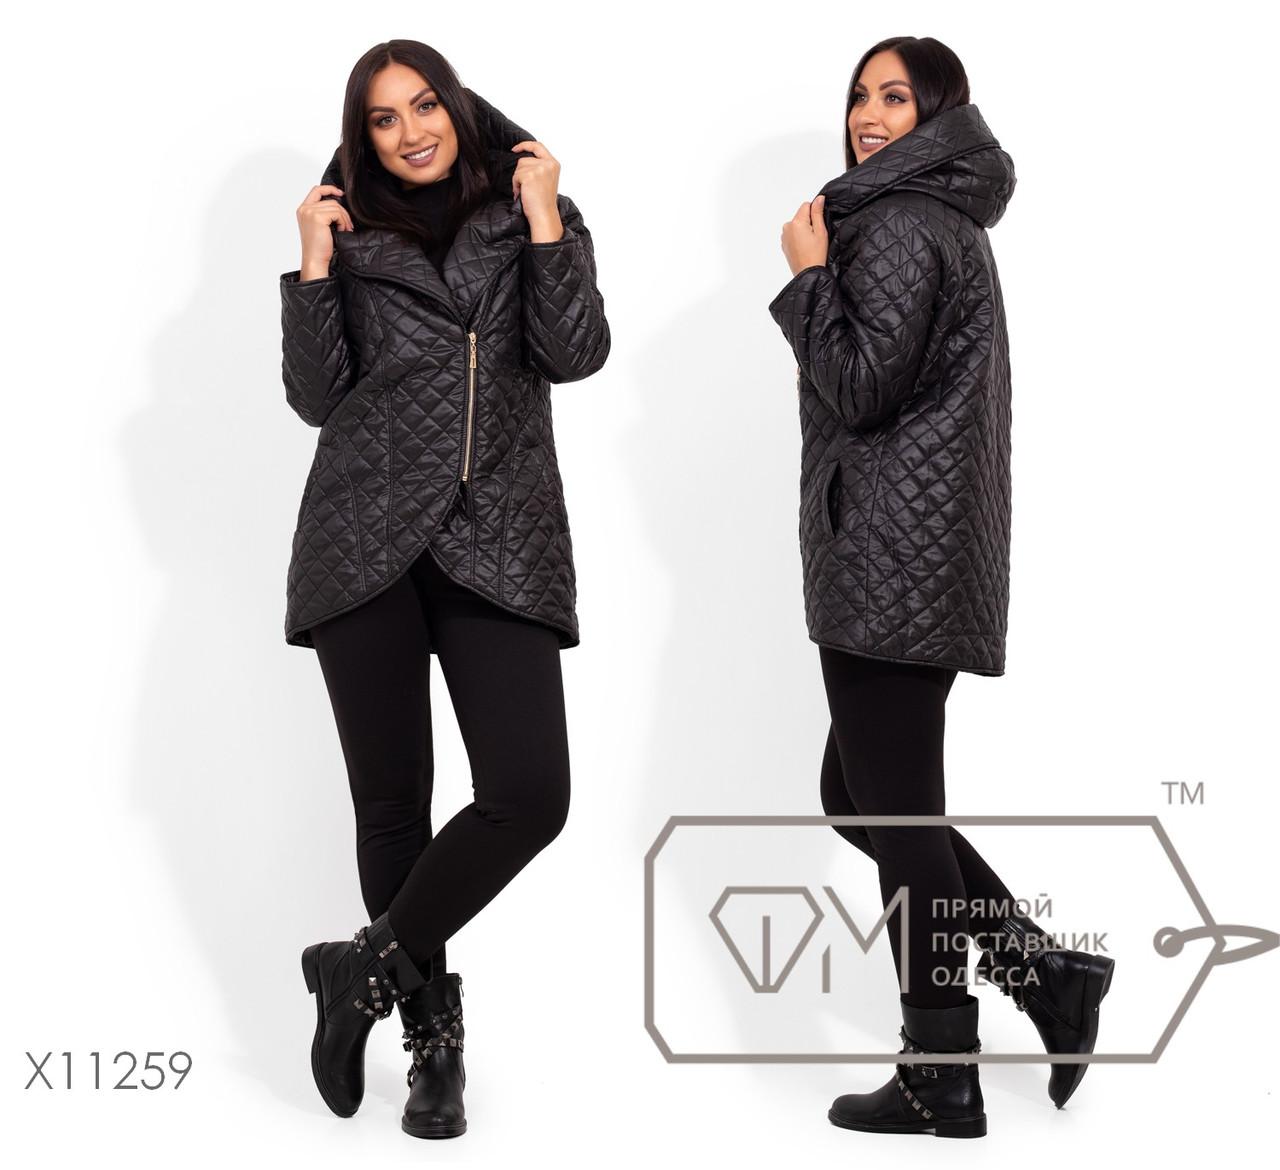 Асимметричная женская плащевая куртка стеганная демисезонна в батале 1blr2065